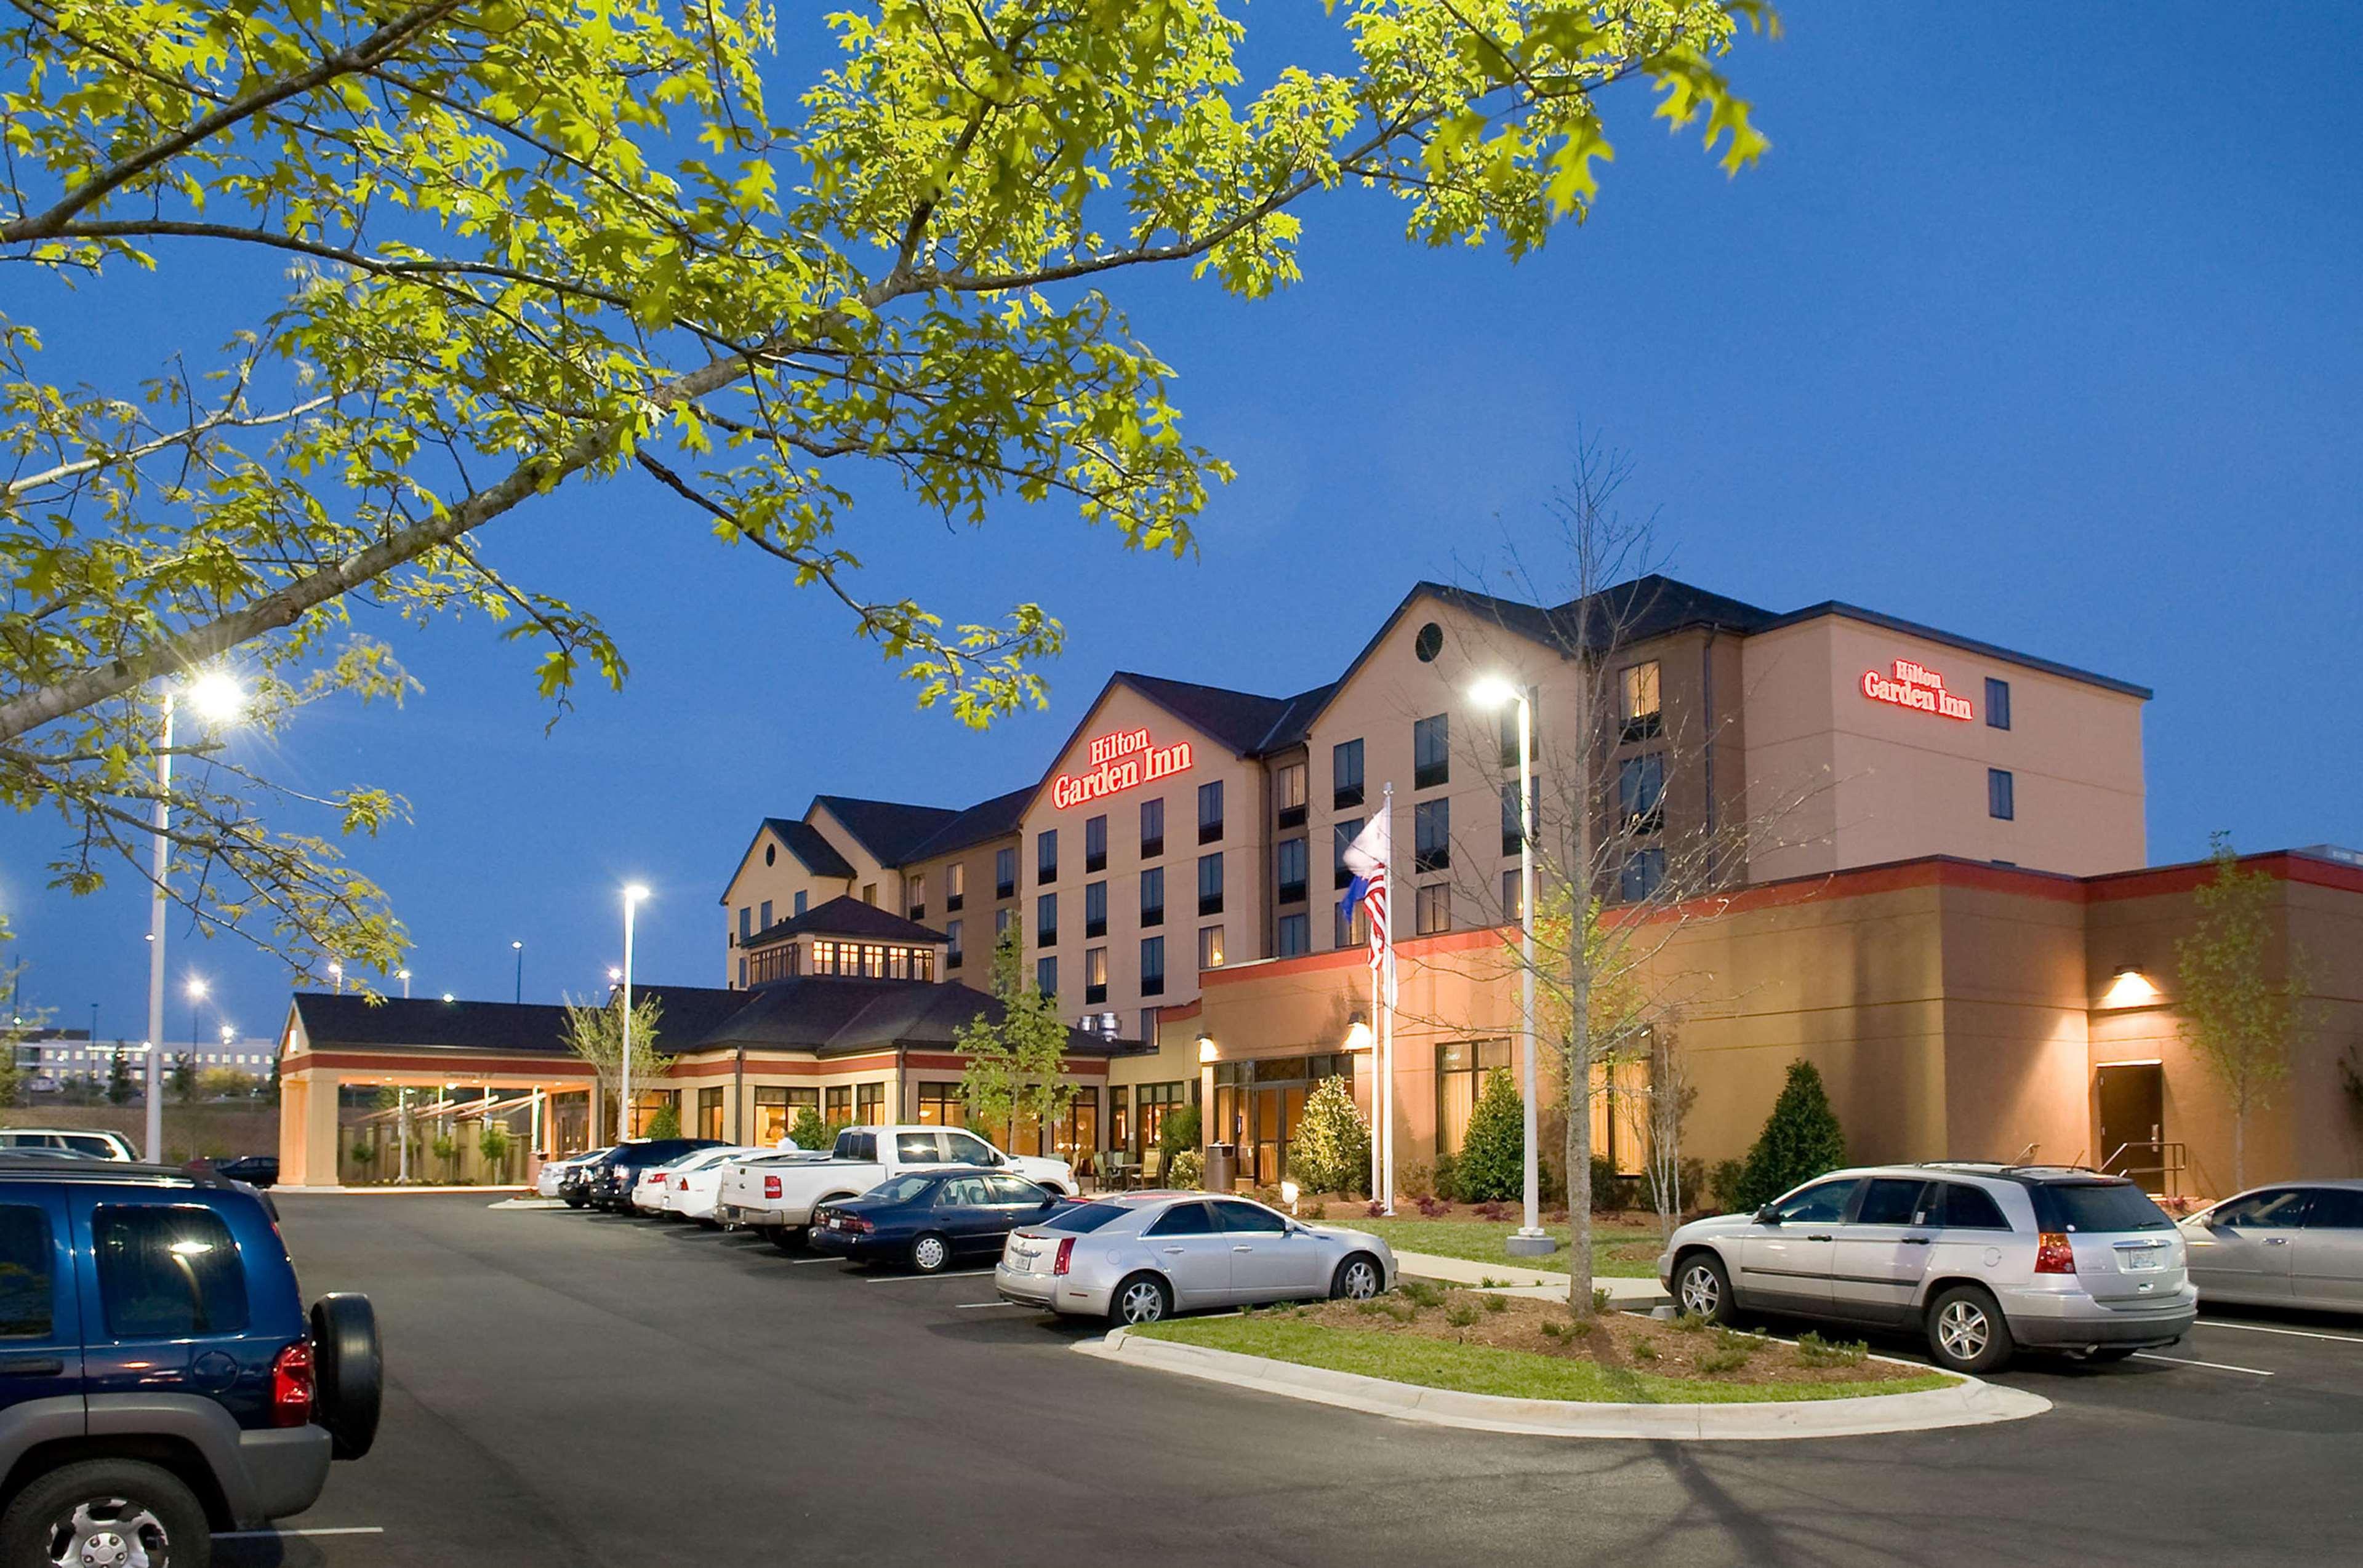 Hilton Garden Inn Pensacola Airport - Medical Center image 1